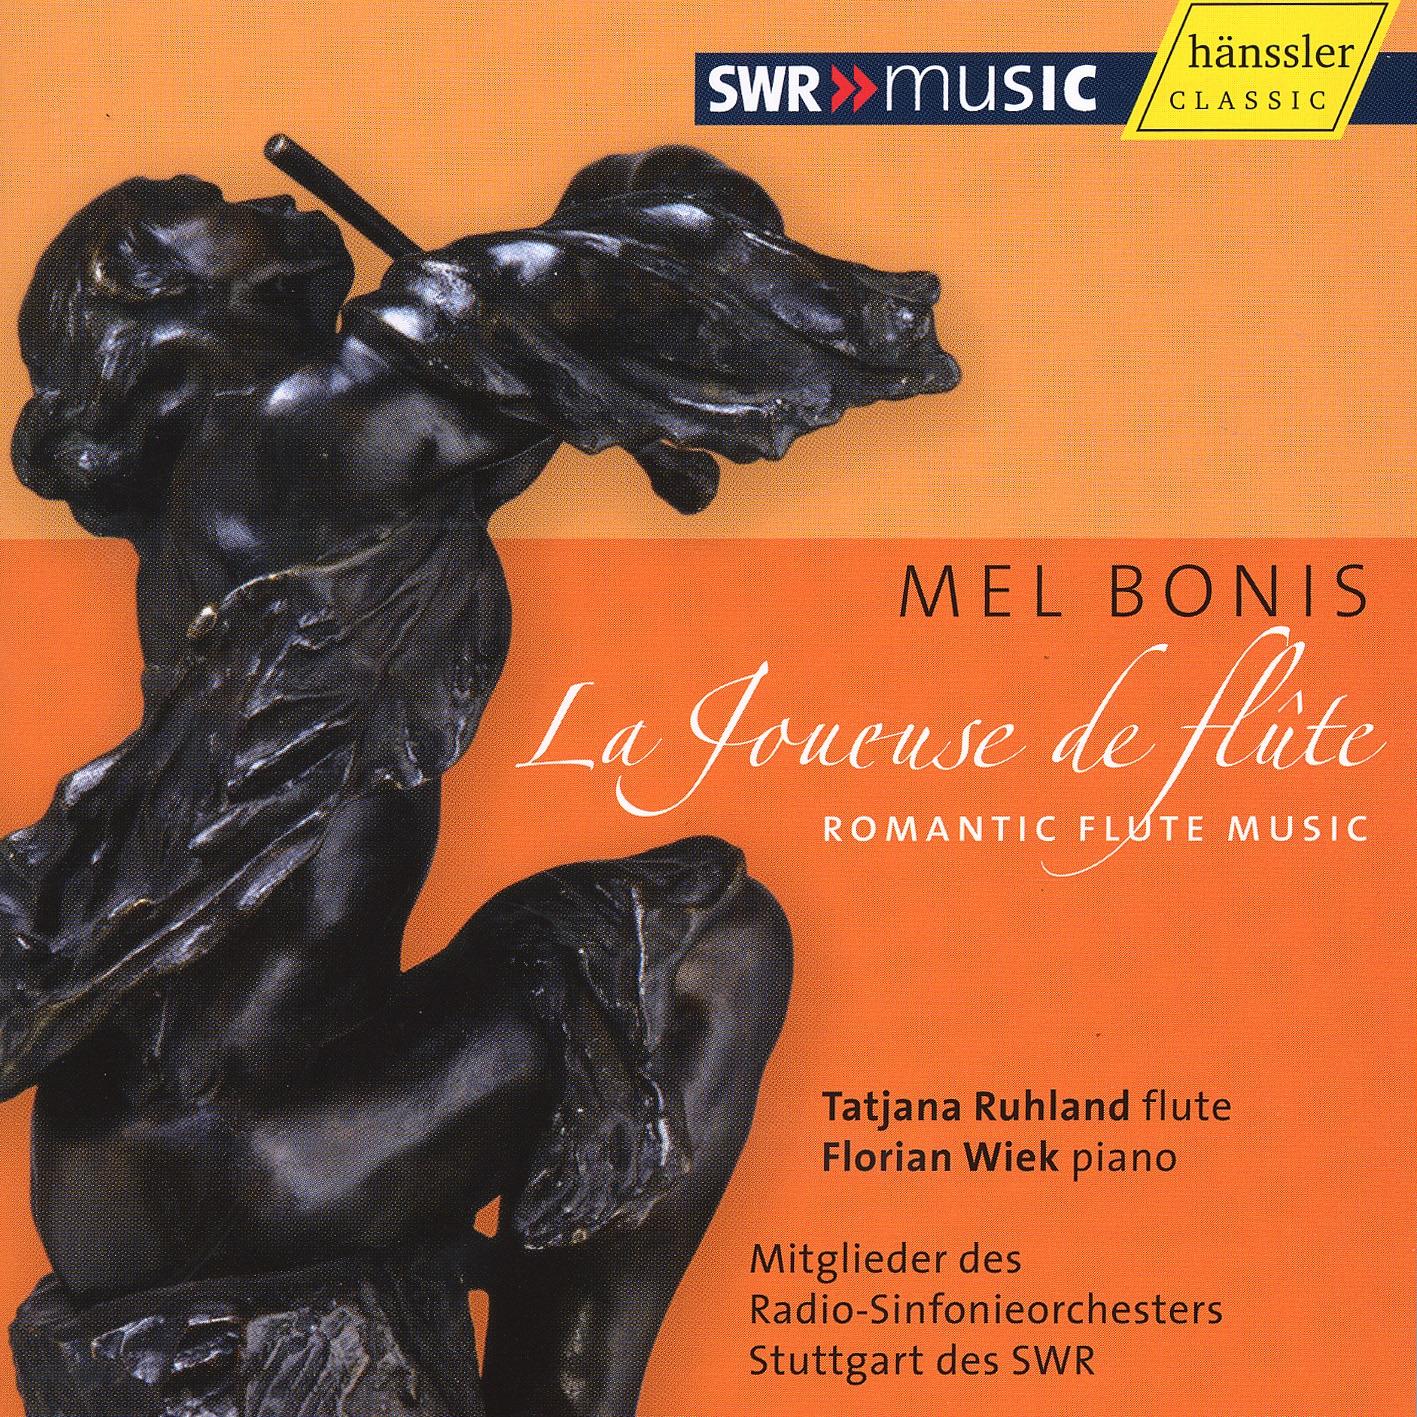 Bonis, M.: Suite en Trio - Scenes de la Foret - Suite Dans Le Style Ancien - Air Vaudois - Fantaisie,